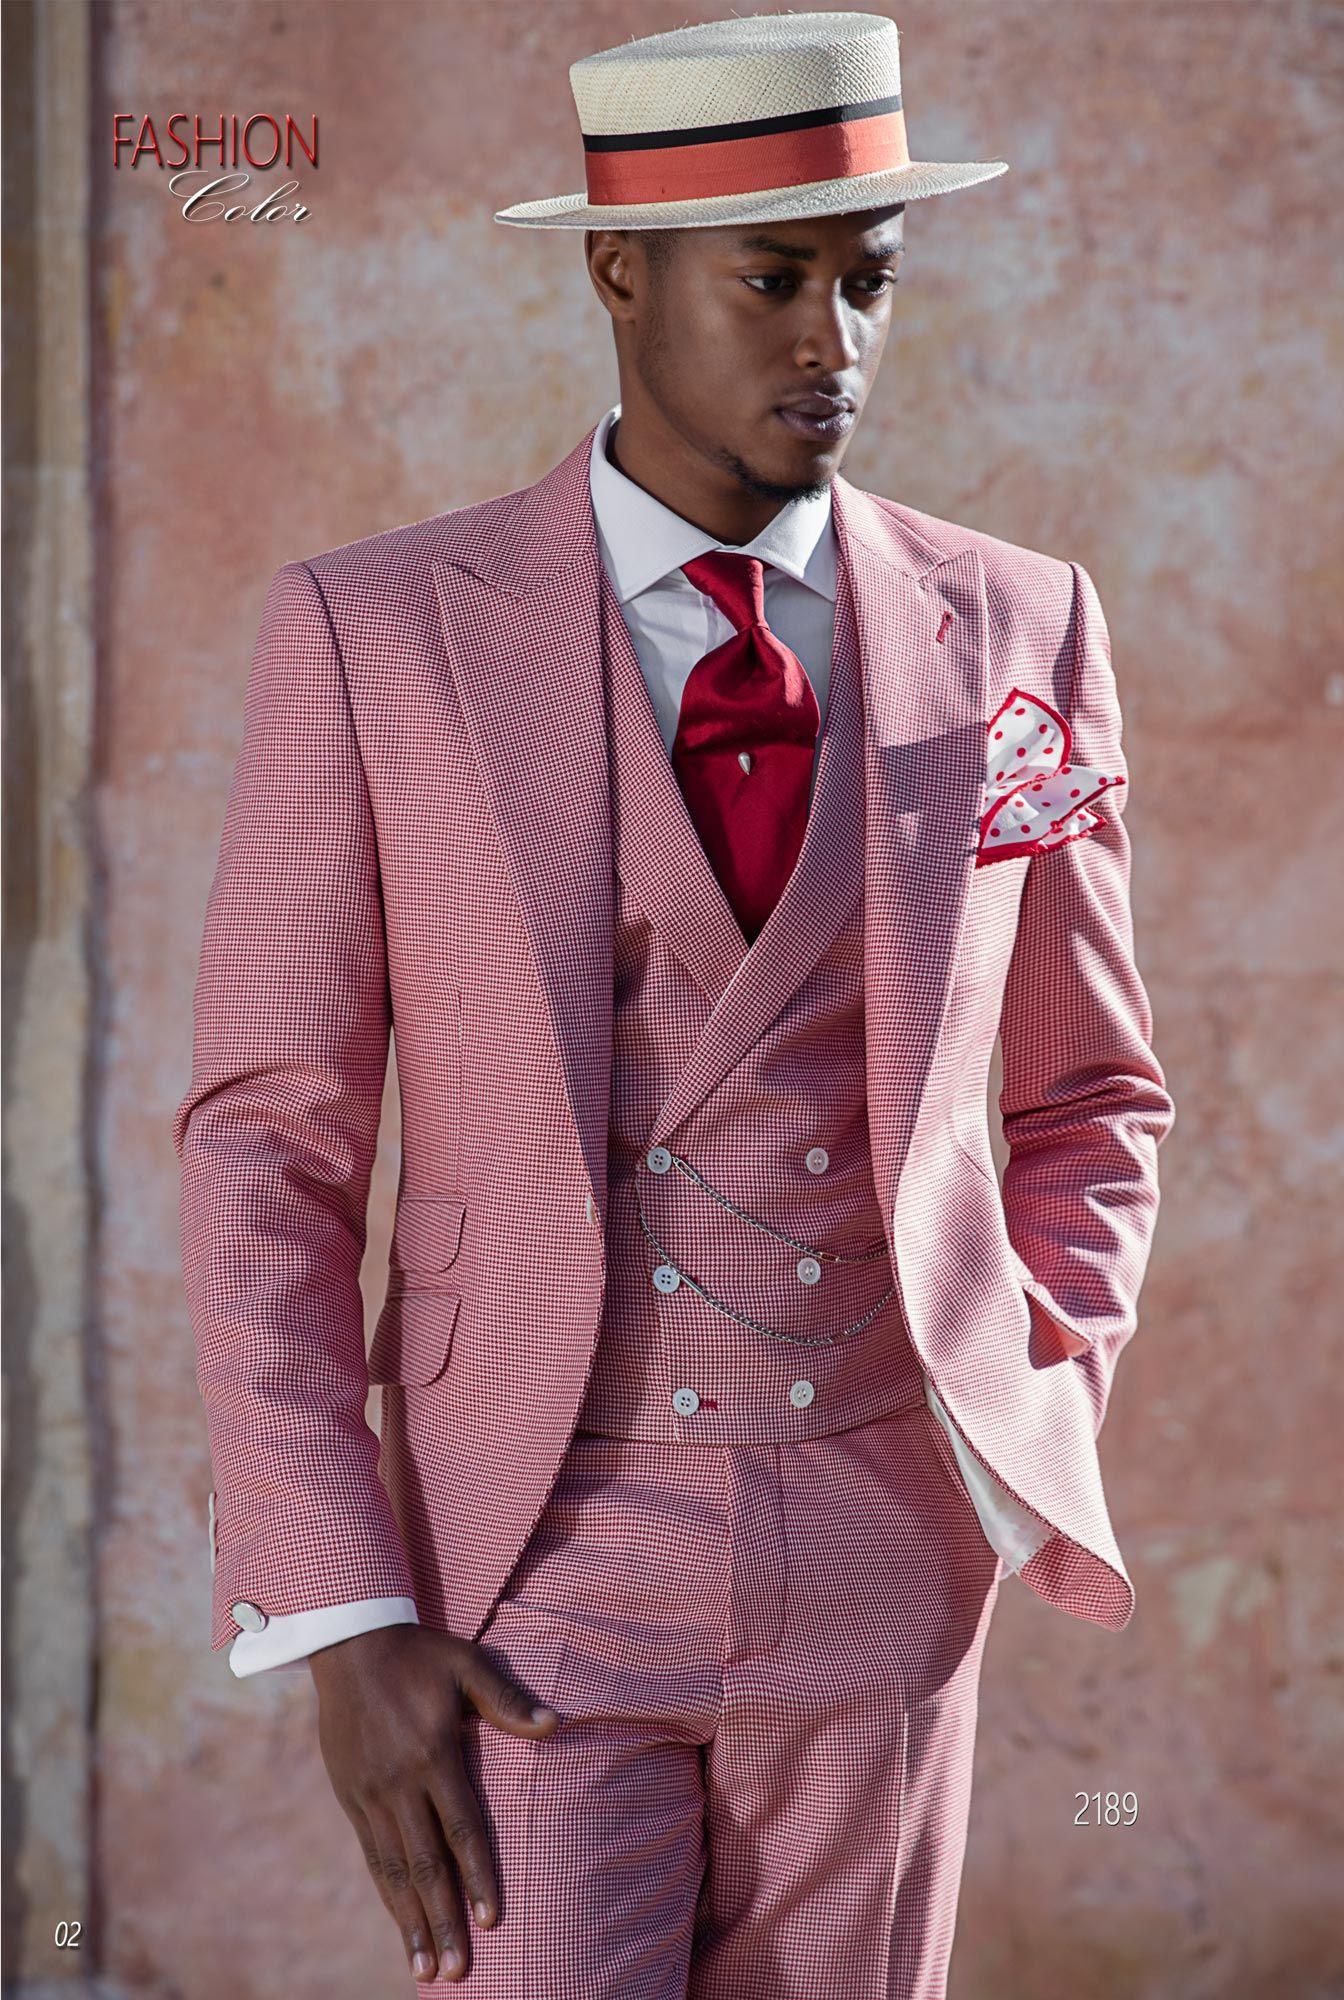 De Fashion In Moda Rosso Tessuto Sposo Uomo Abito Poule Pied nZSvX8S